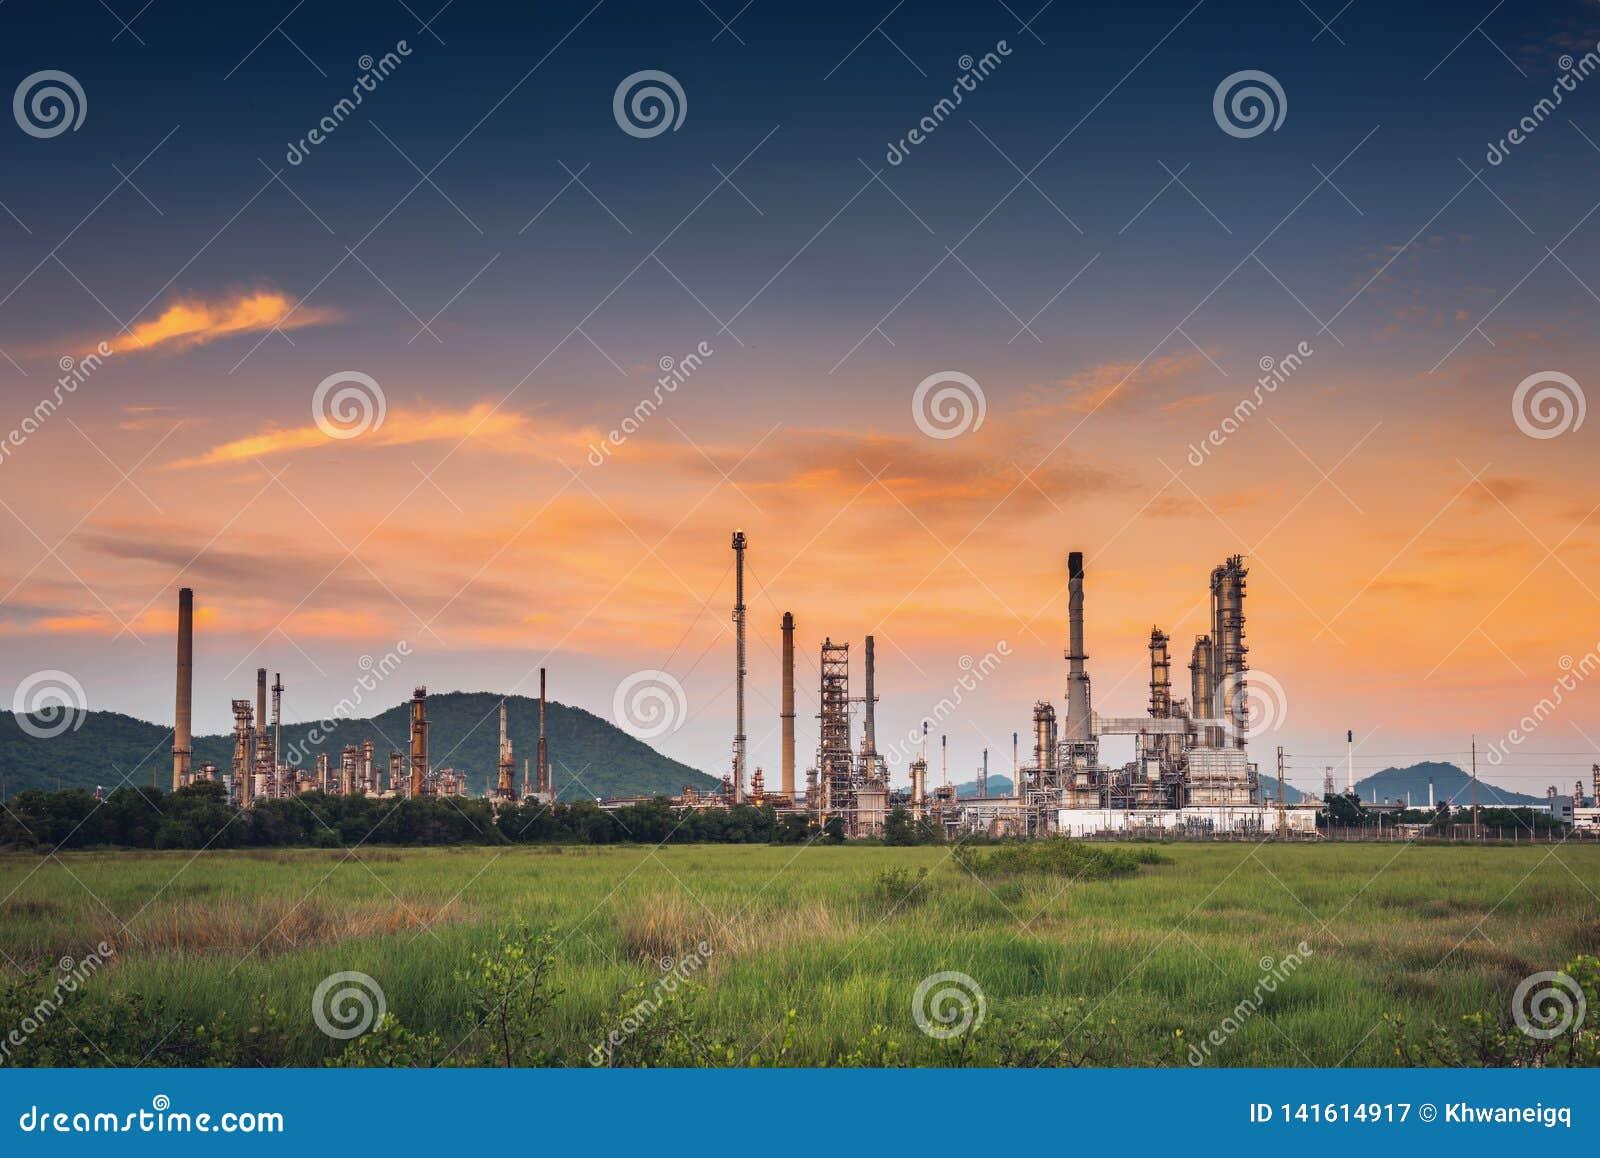 Paisagem da usina de refinaria de petróleo e gás , Construções petroquímicas ou químicas do processo de destilação , Fábrica de